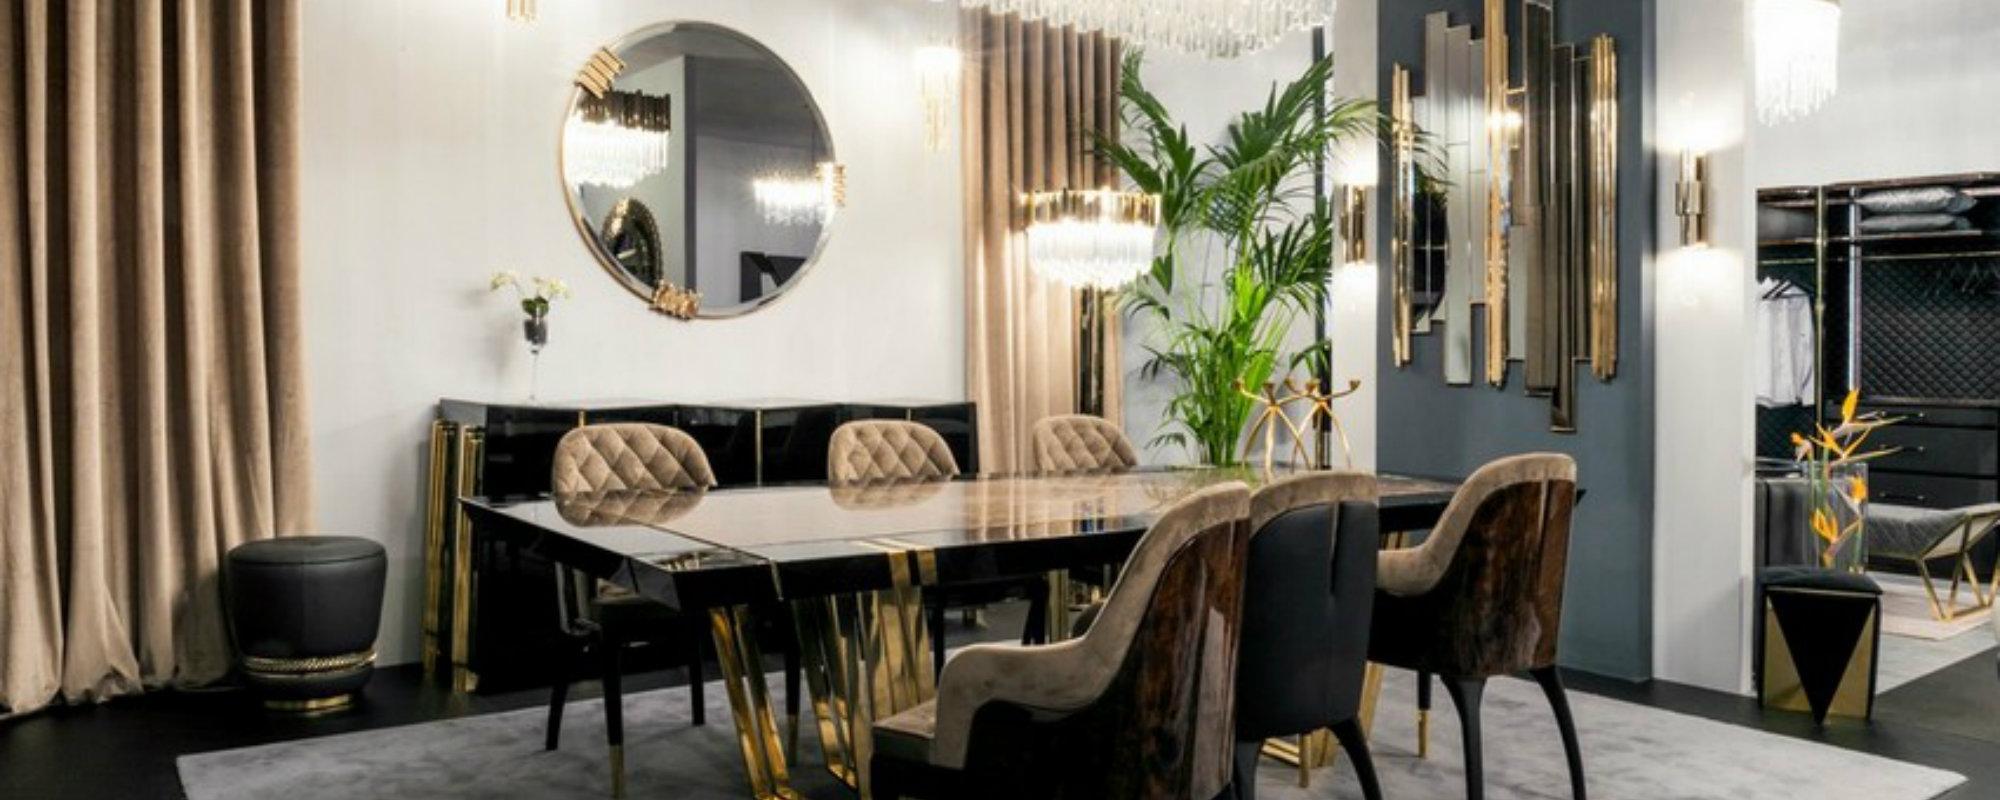 Tendencias Decorar: Espejos elegantes y modernos para complementar el diseño tendencias decorar Tendencias Decorar: Espejos elegantes y modernos para complementar el diseño Featured 2